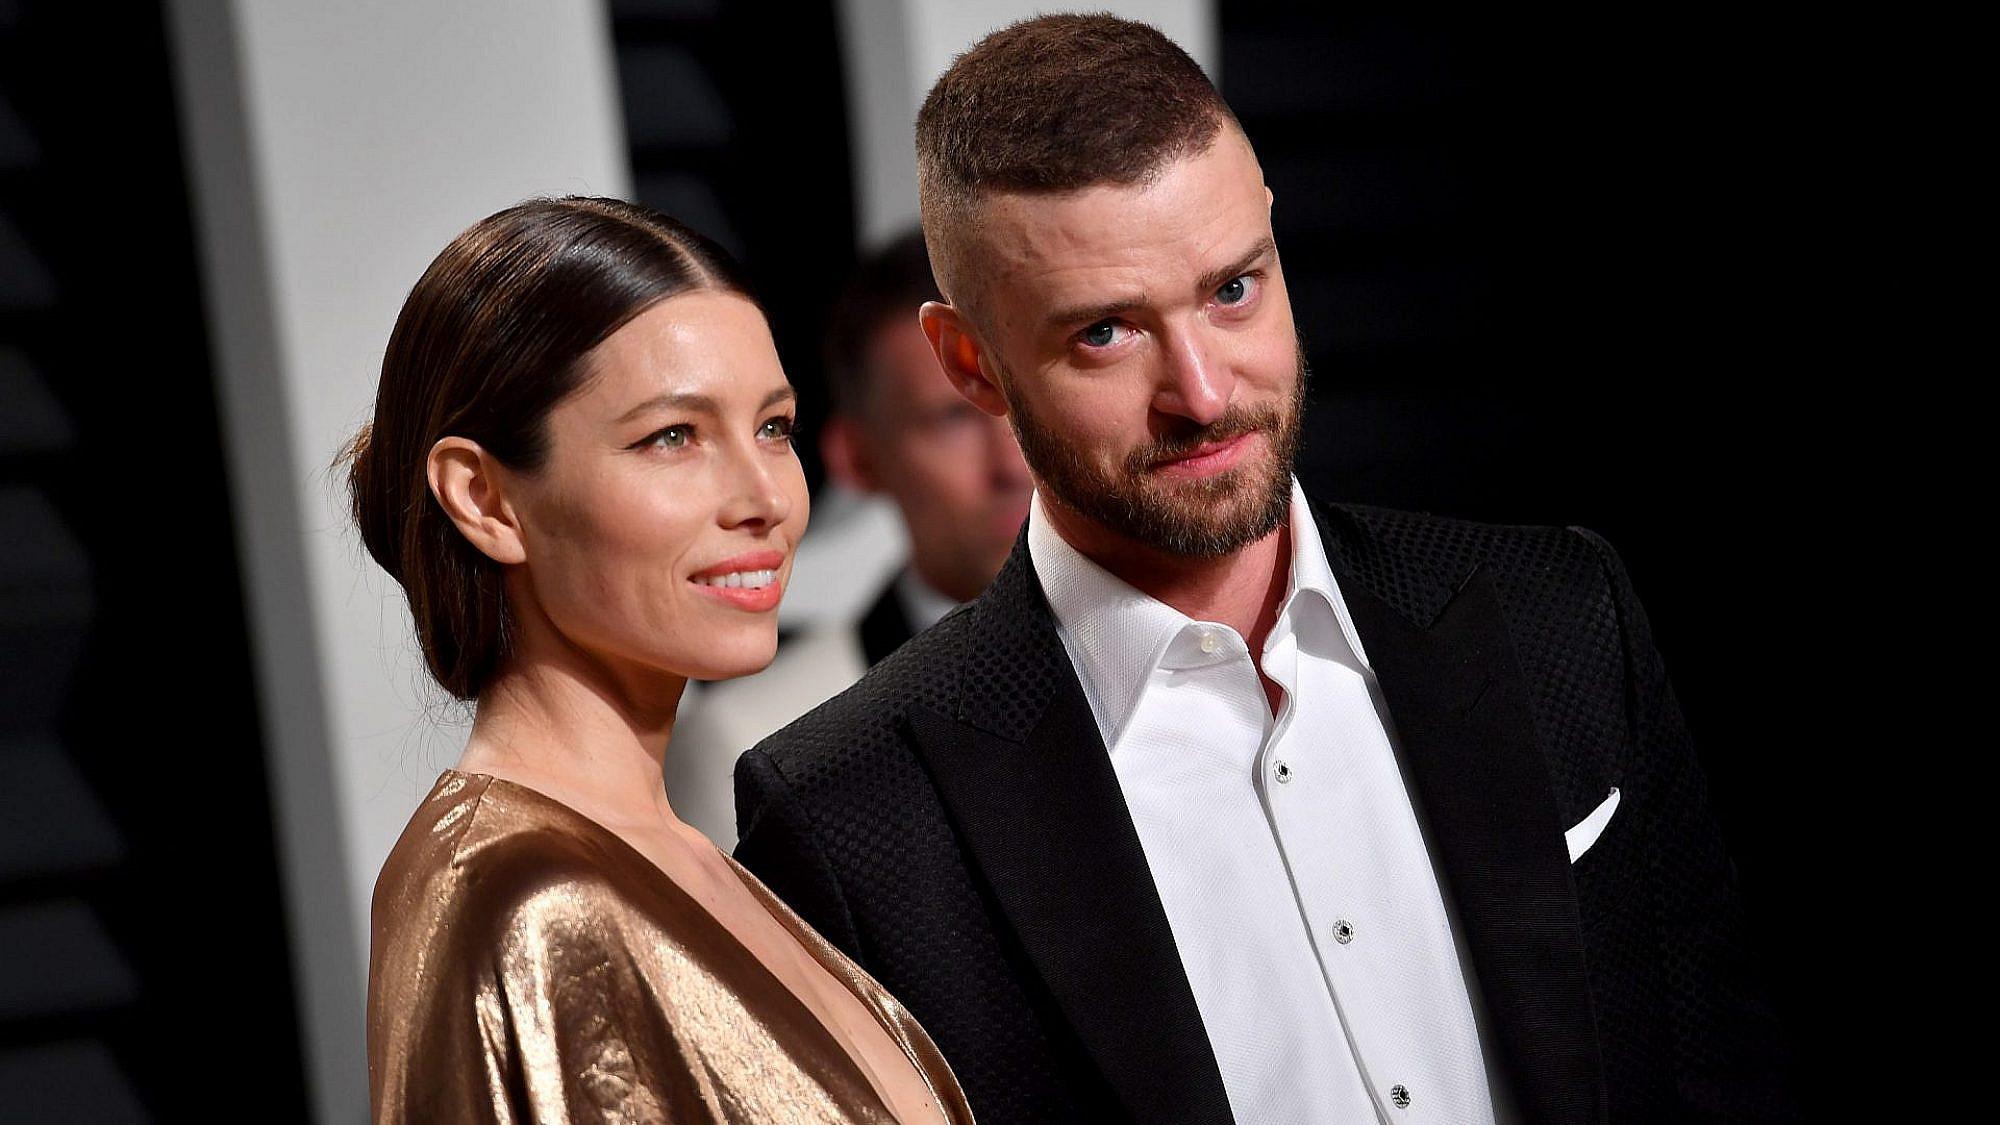 ג'סטין טימברלייק וג'סיקה בייל   צילום: Pascal Le Segretain/Getty Images